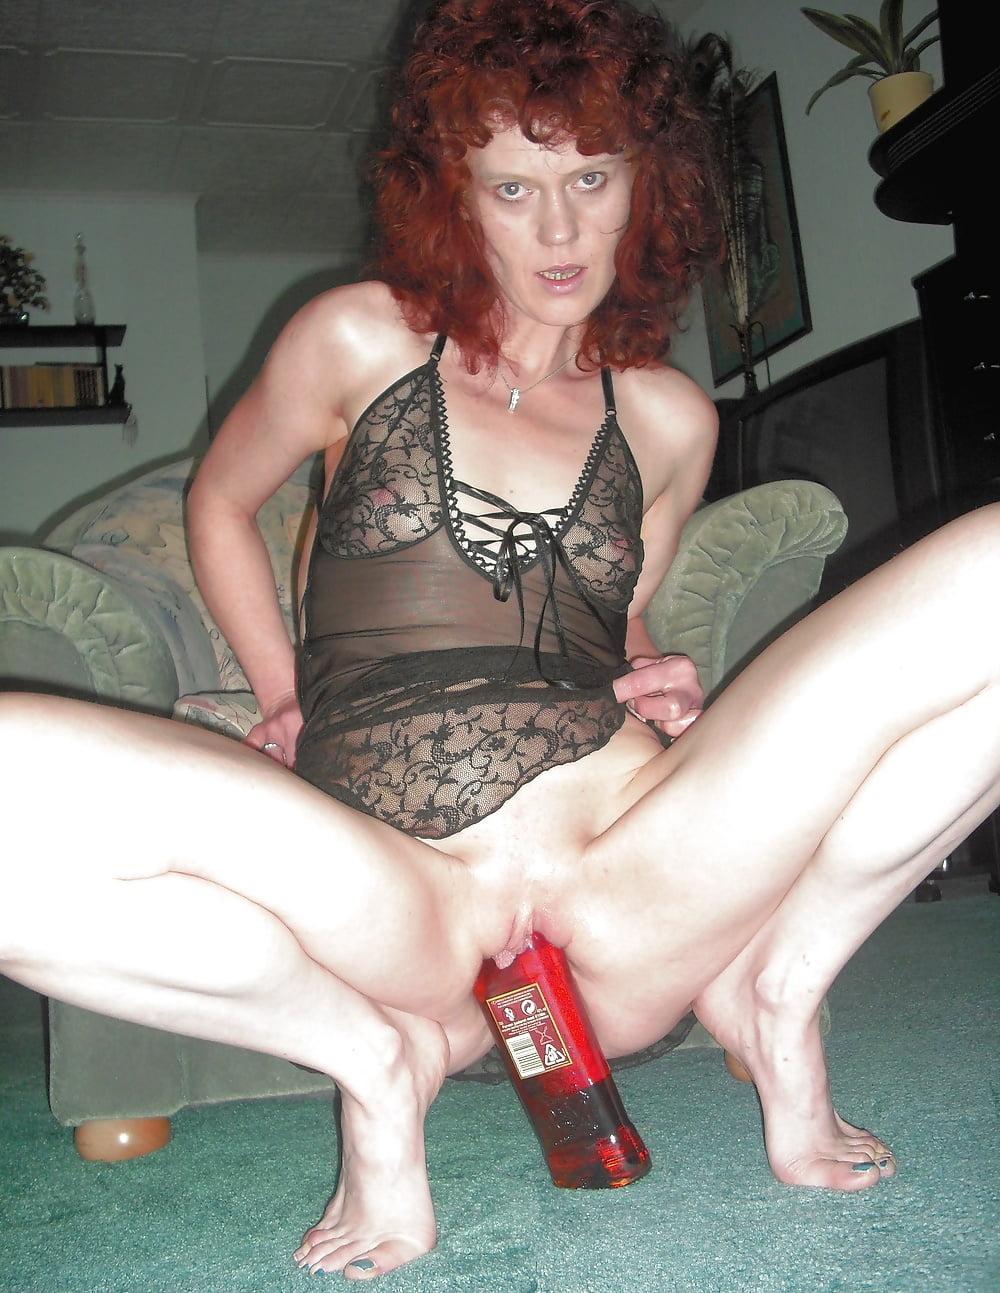 фото голых женщин извращенок мамок чикагских подпольных